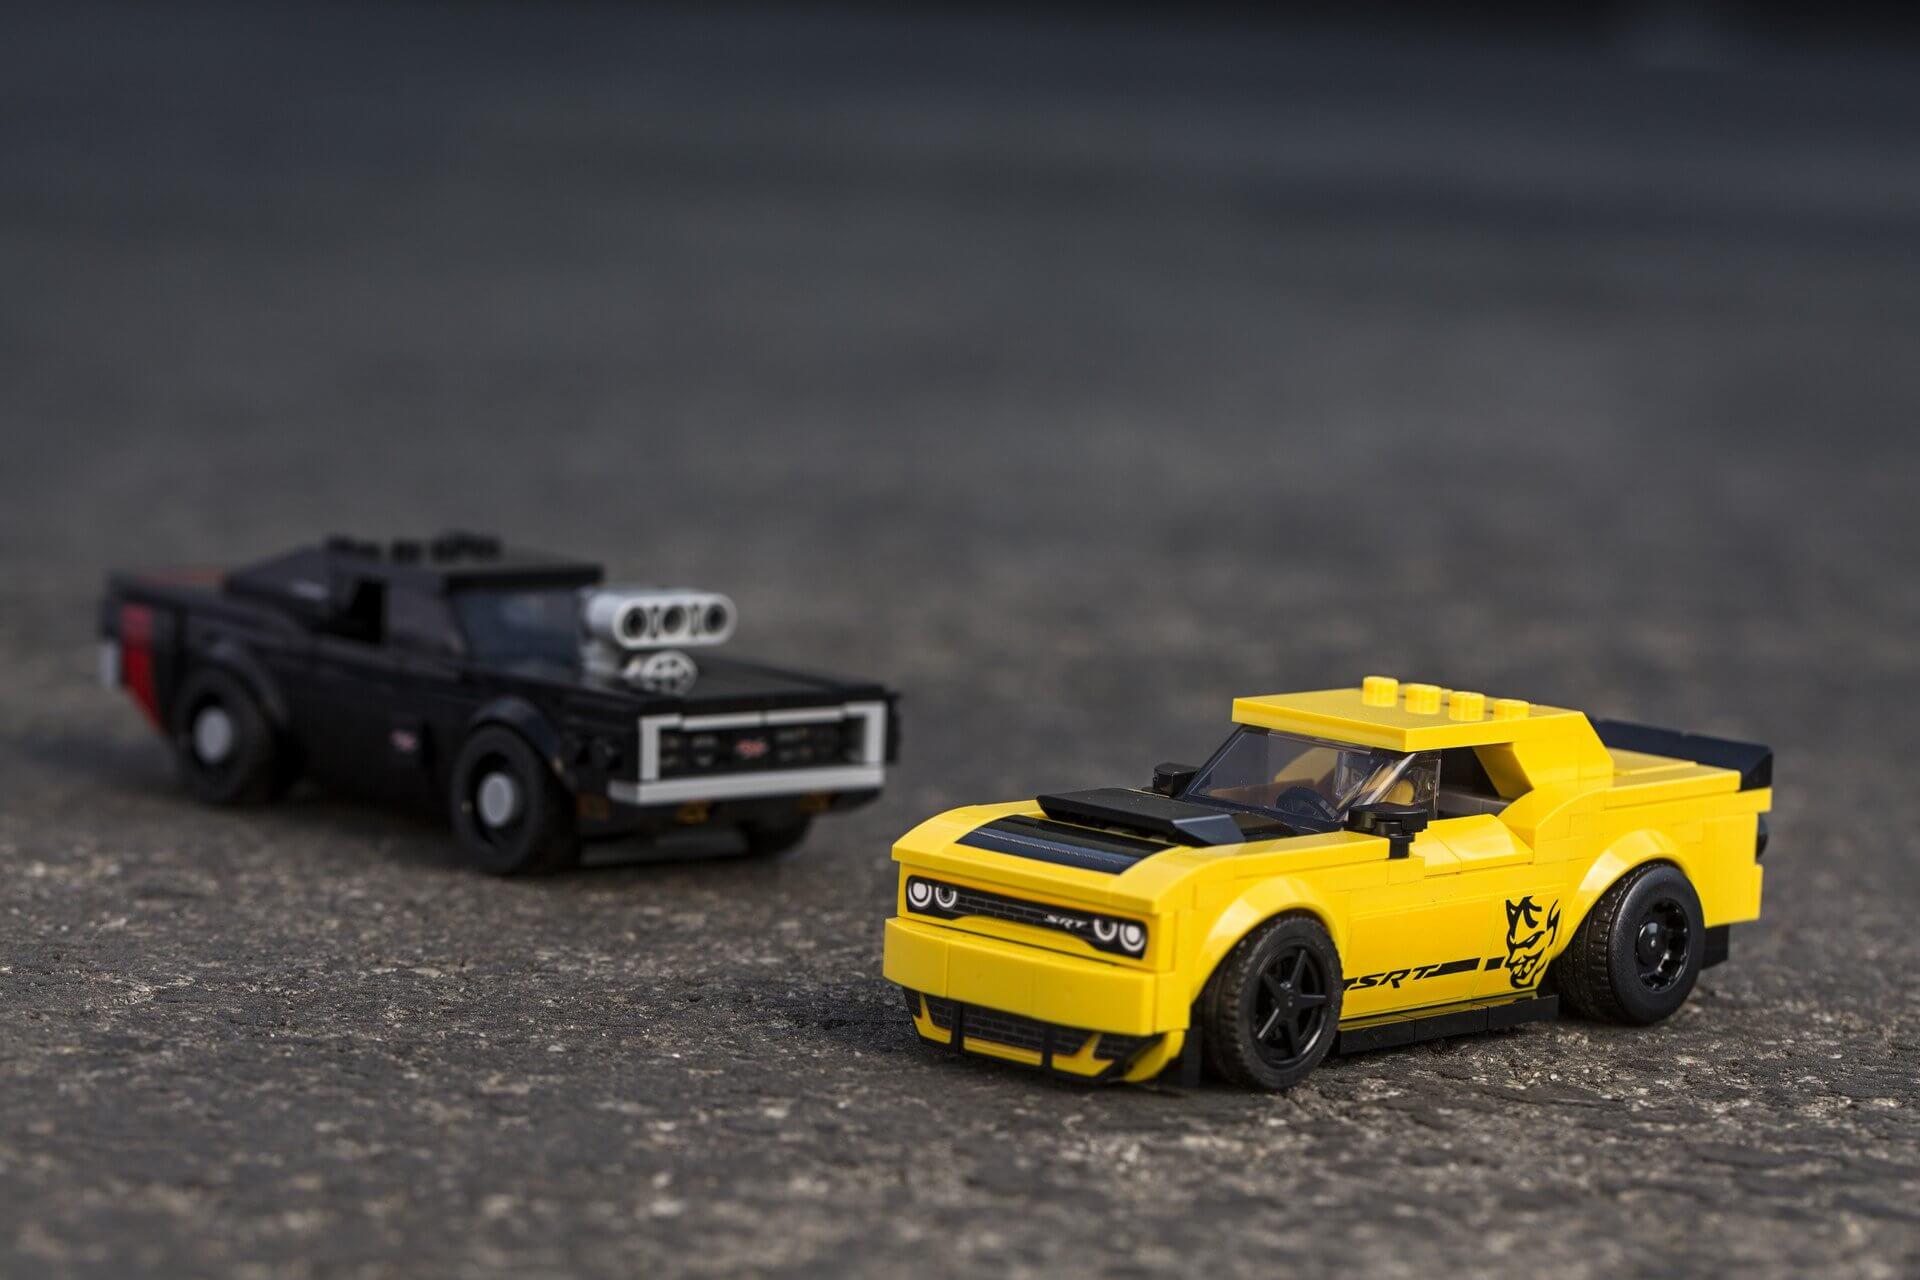 Dodge Lego Speed Champions custa US$ 39,95 nos EUA